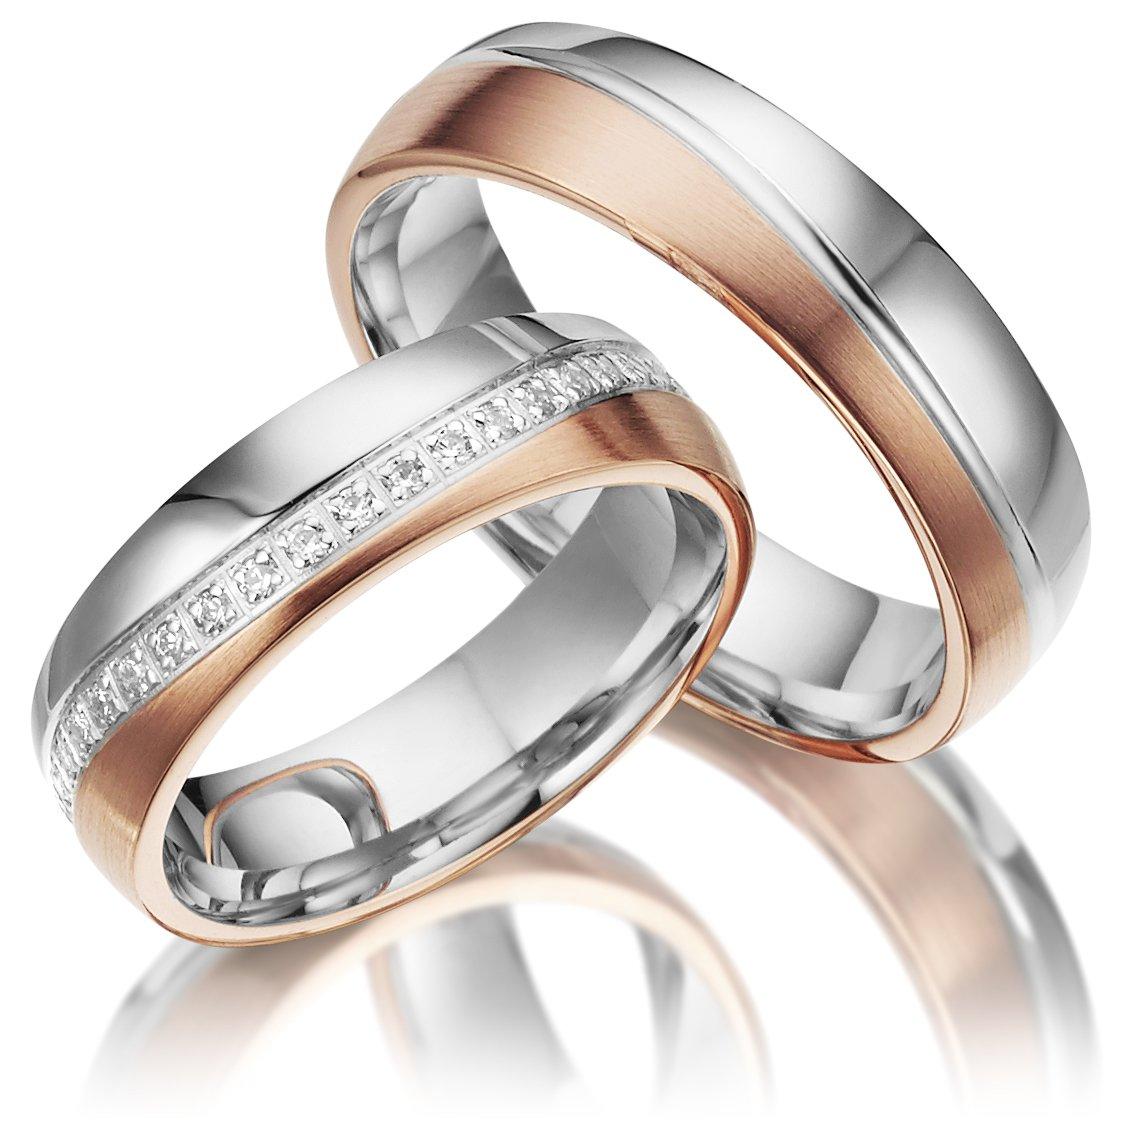 2 Trauringe aus 925 Silber PAARPREIS mit Gravur und Steinbesatz AG.37.925 Gratis zusätzlich ein Multisizer zur Größenermittlung Juwelier Rubin